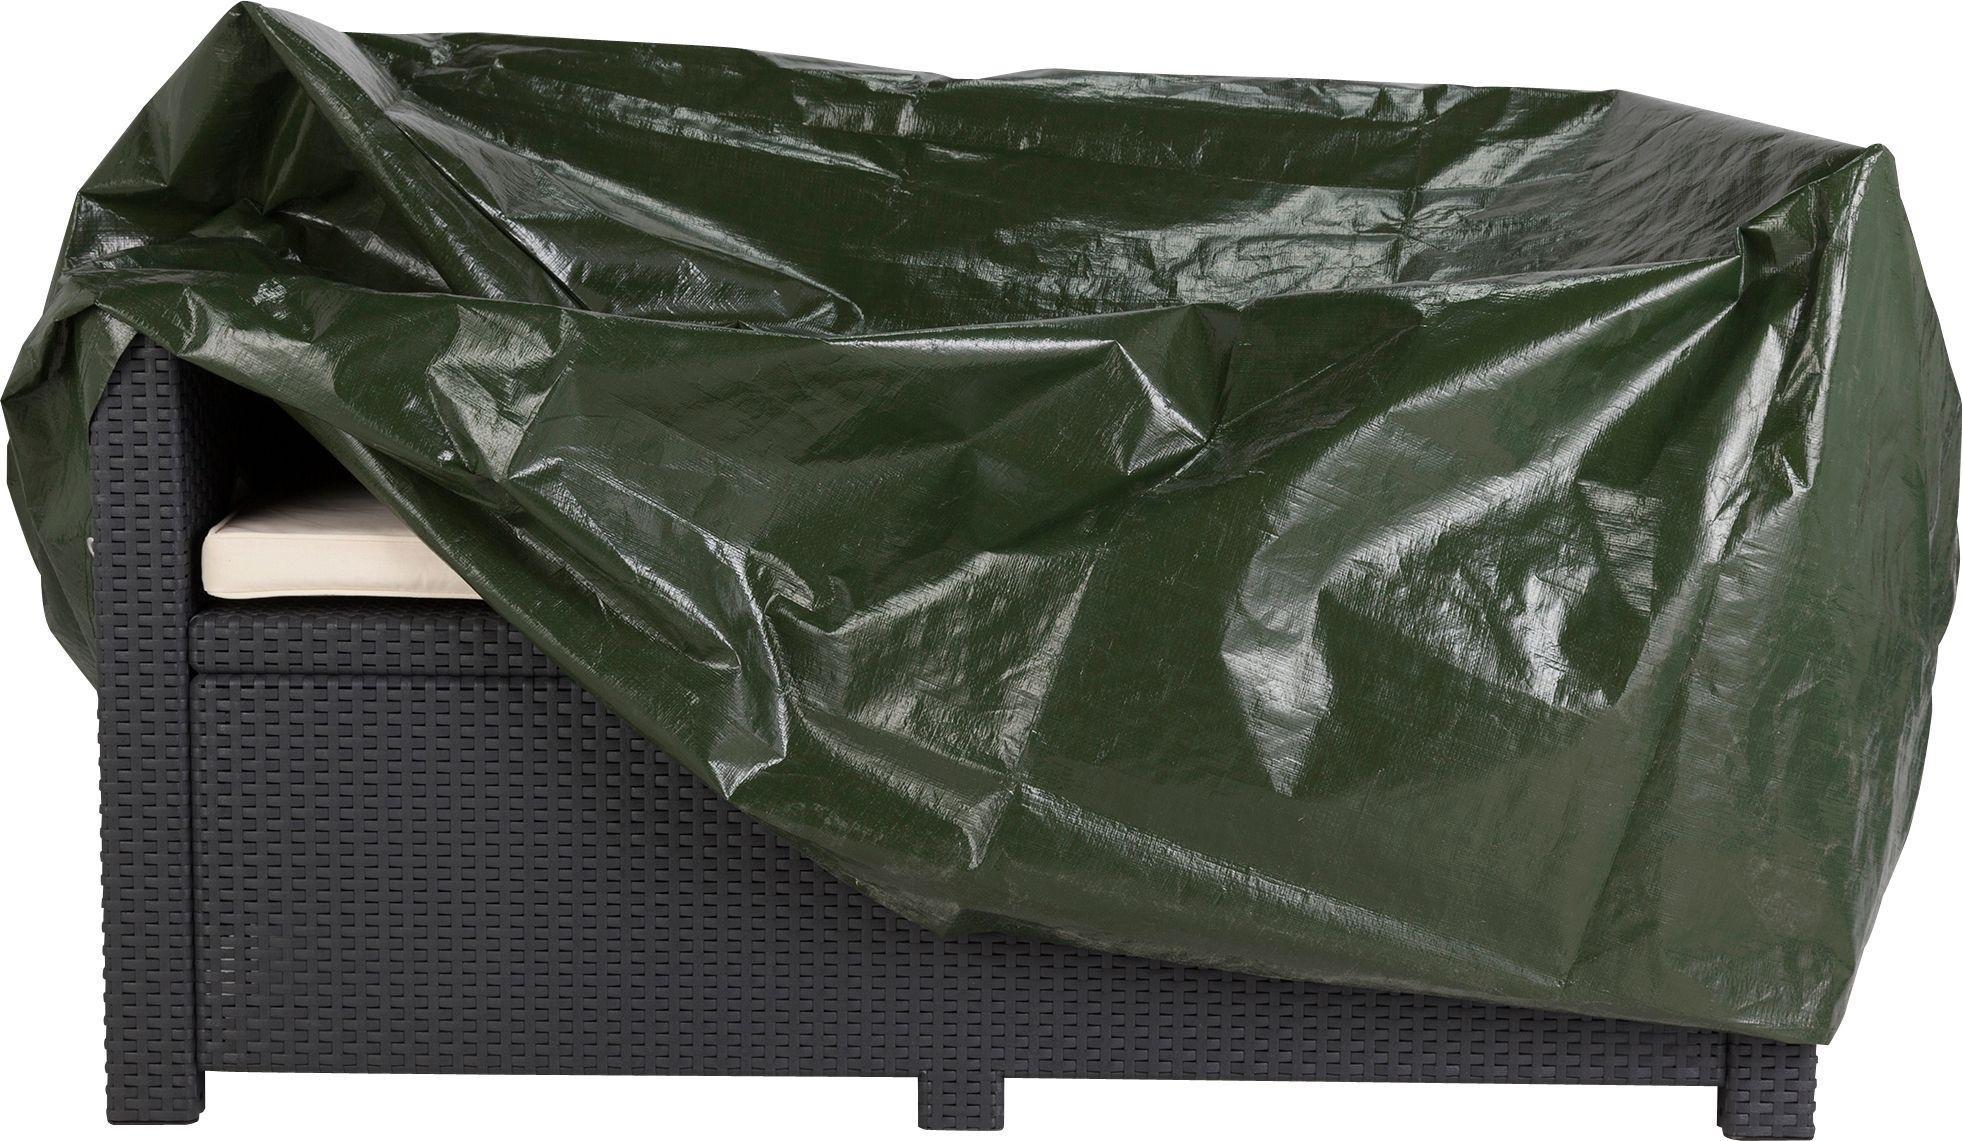 Argos Home Rattan Garden Chair Cover - Set of 2